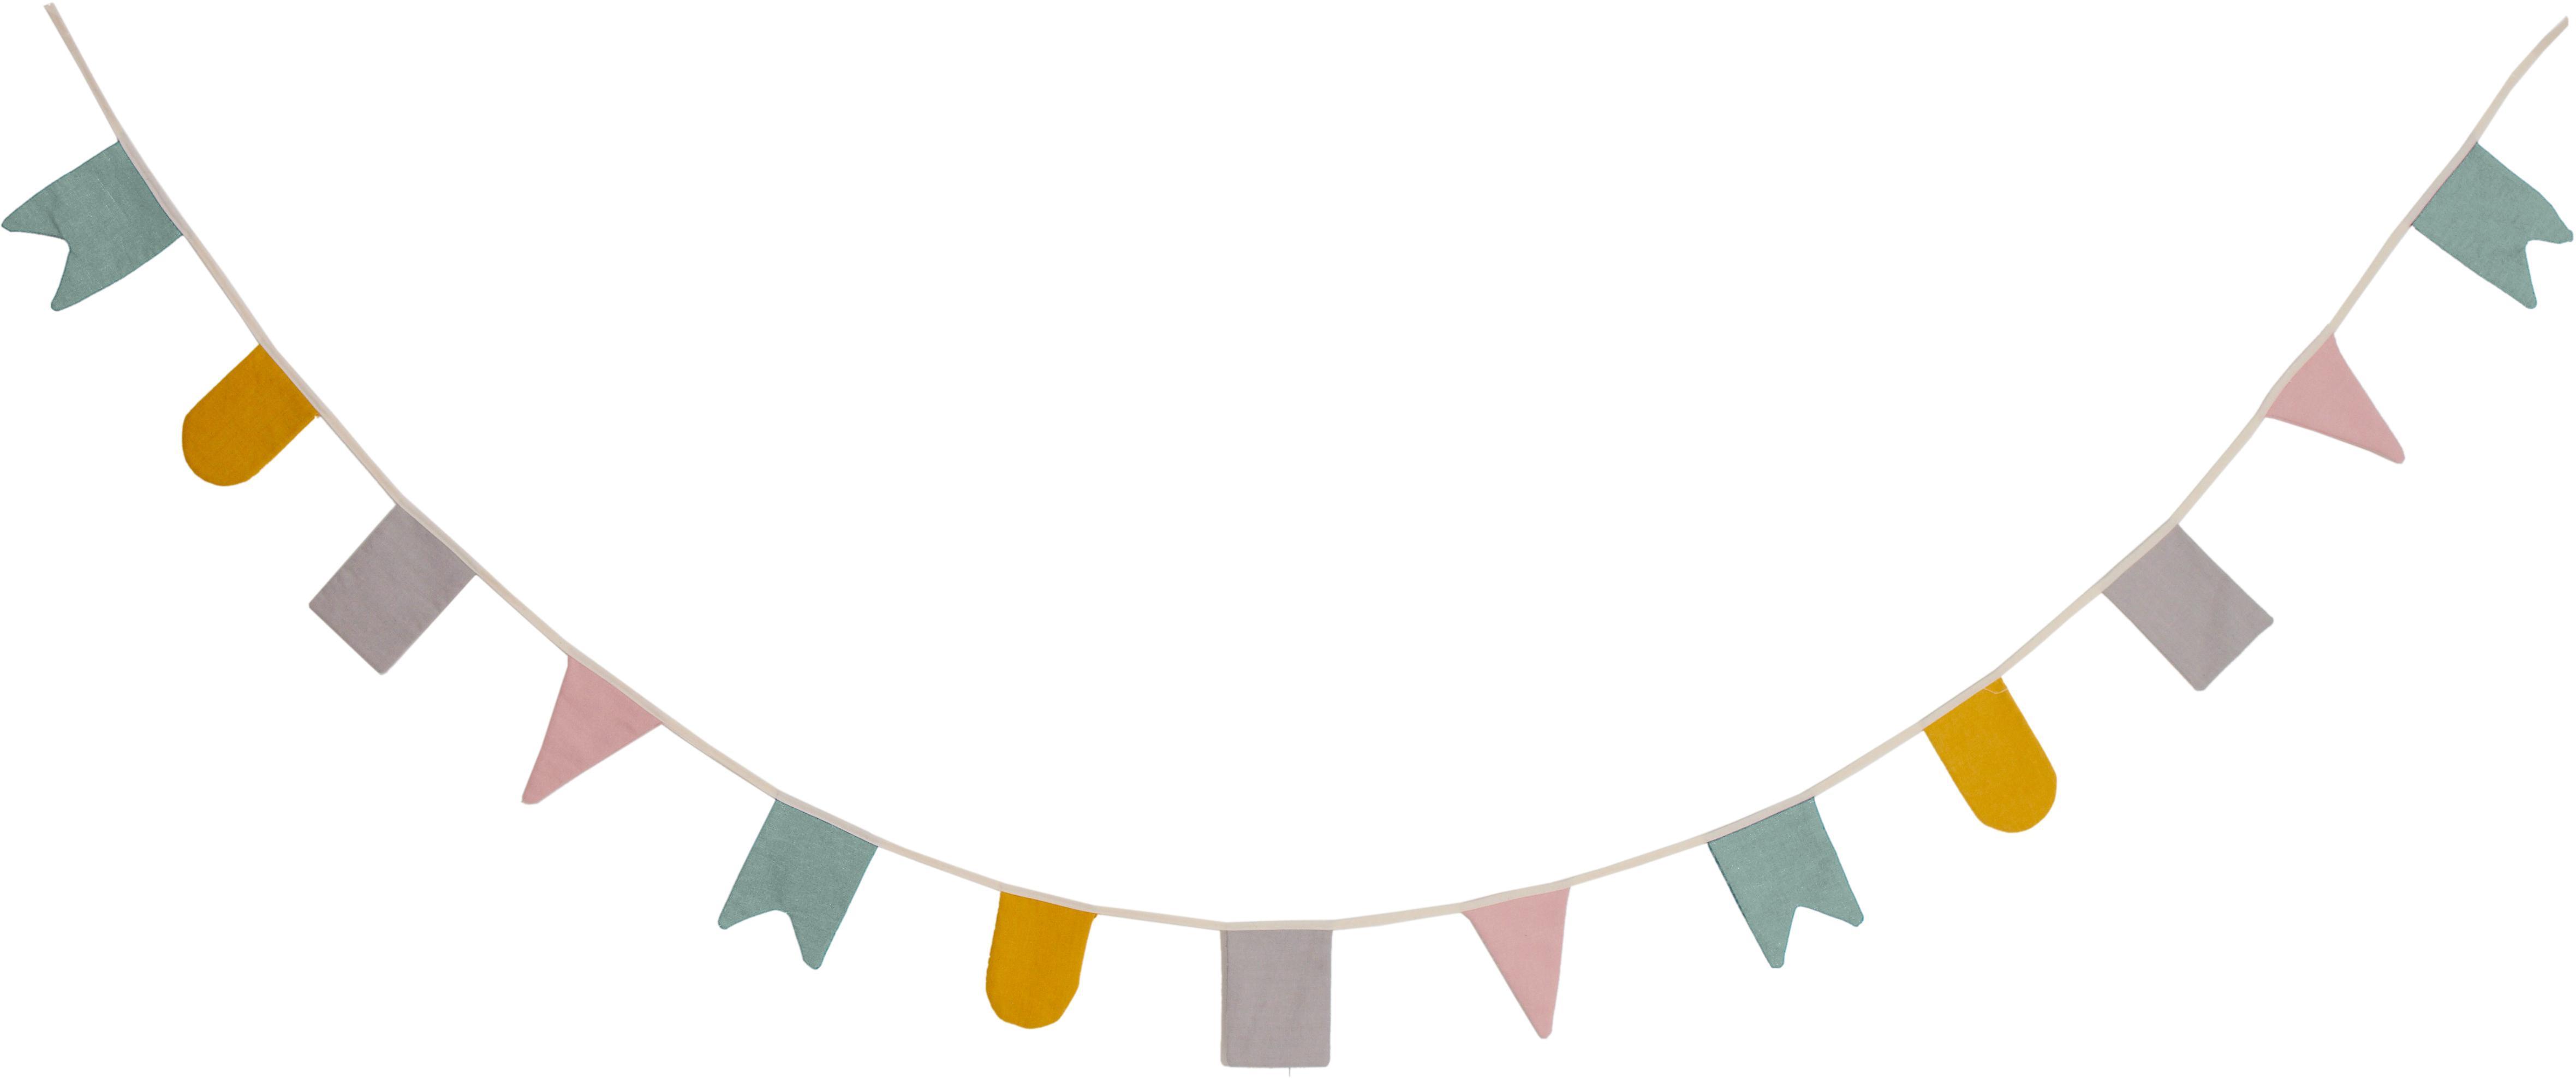 Girlande Hip Hip Hurra aus Bio-Baumwolle, 300 cm, Bio-Baumwolle, GOTS-zertifiziert, Mehrfarbig, L 300 x H 15 cm